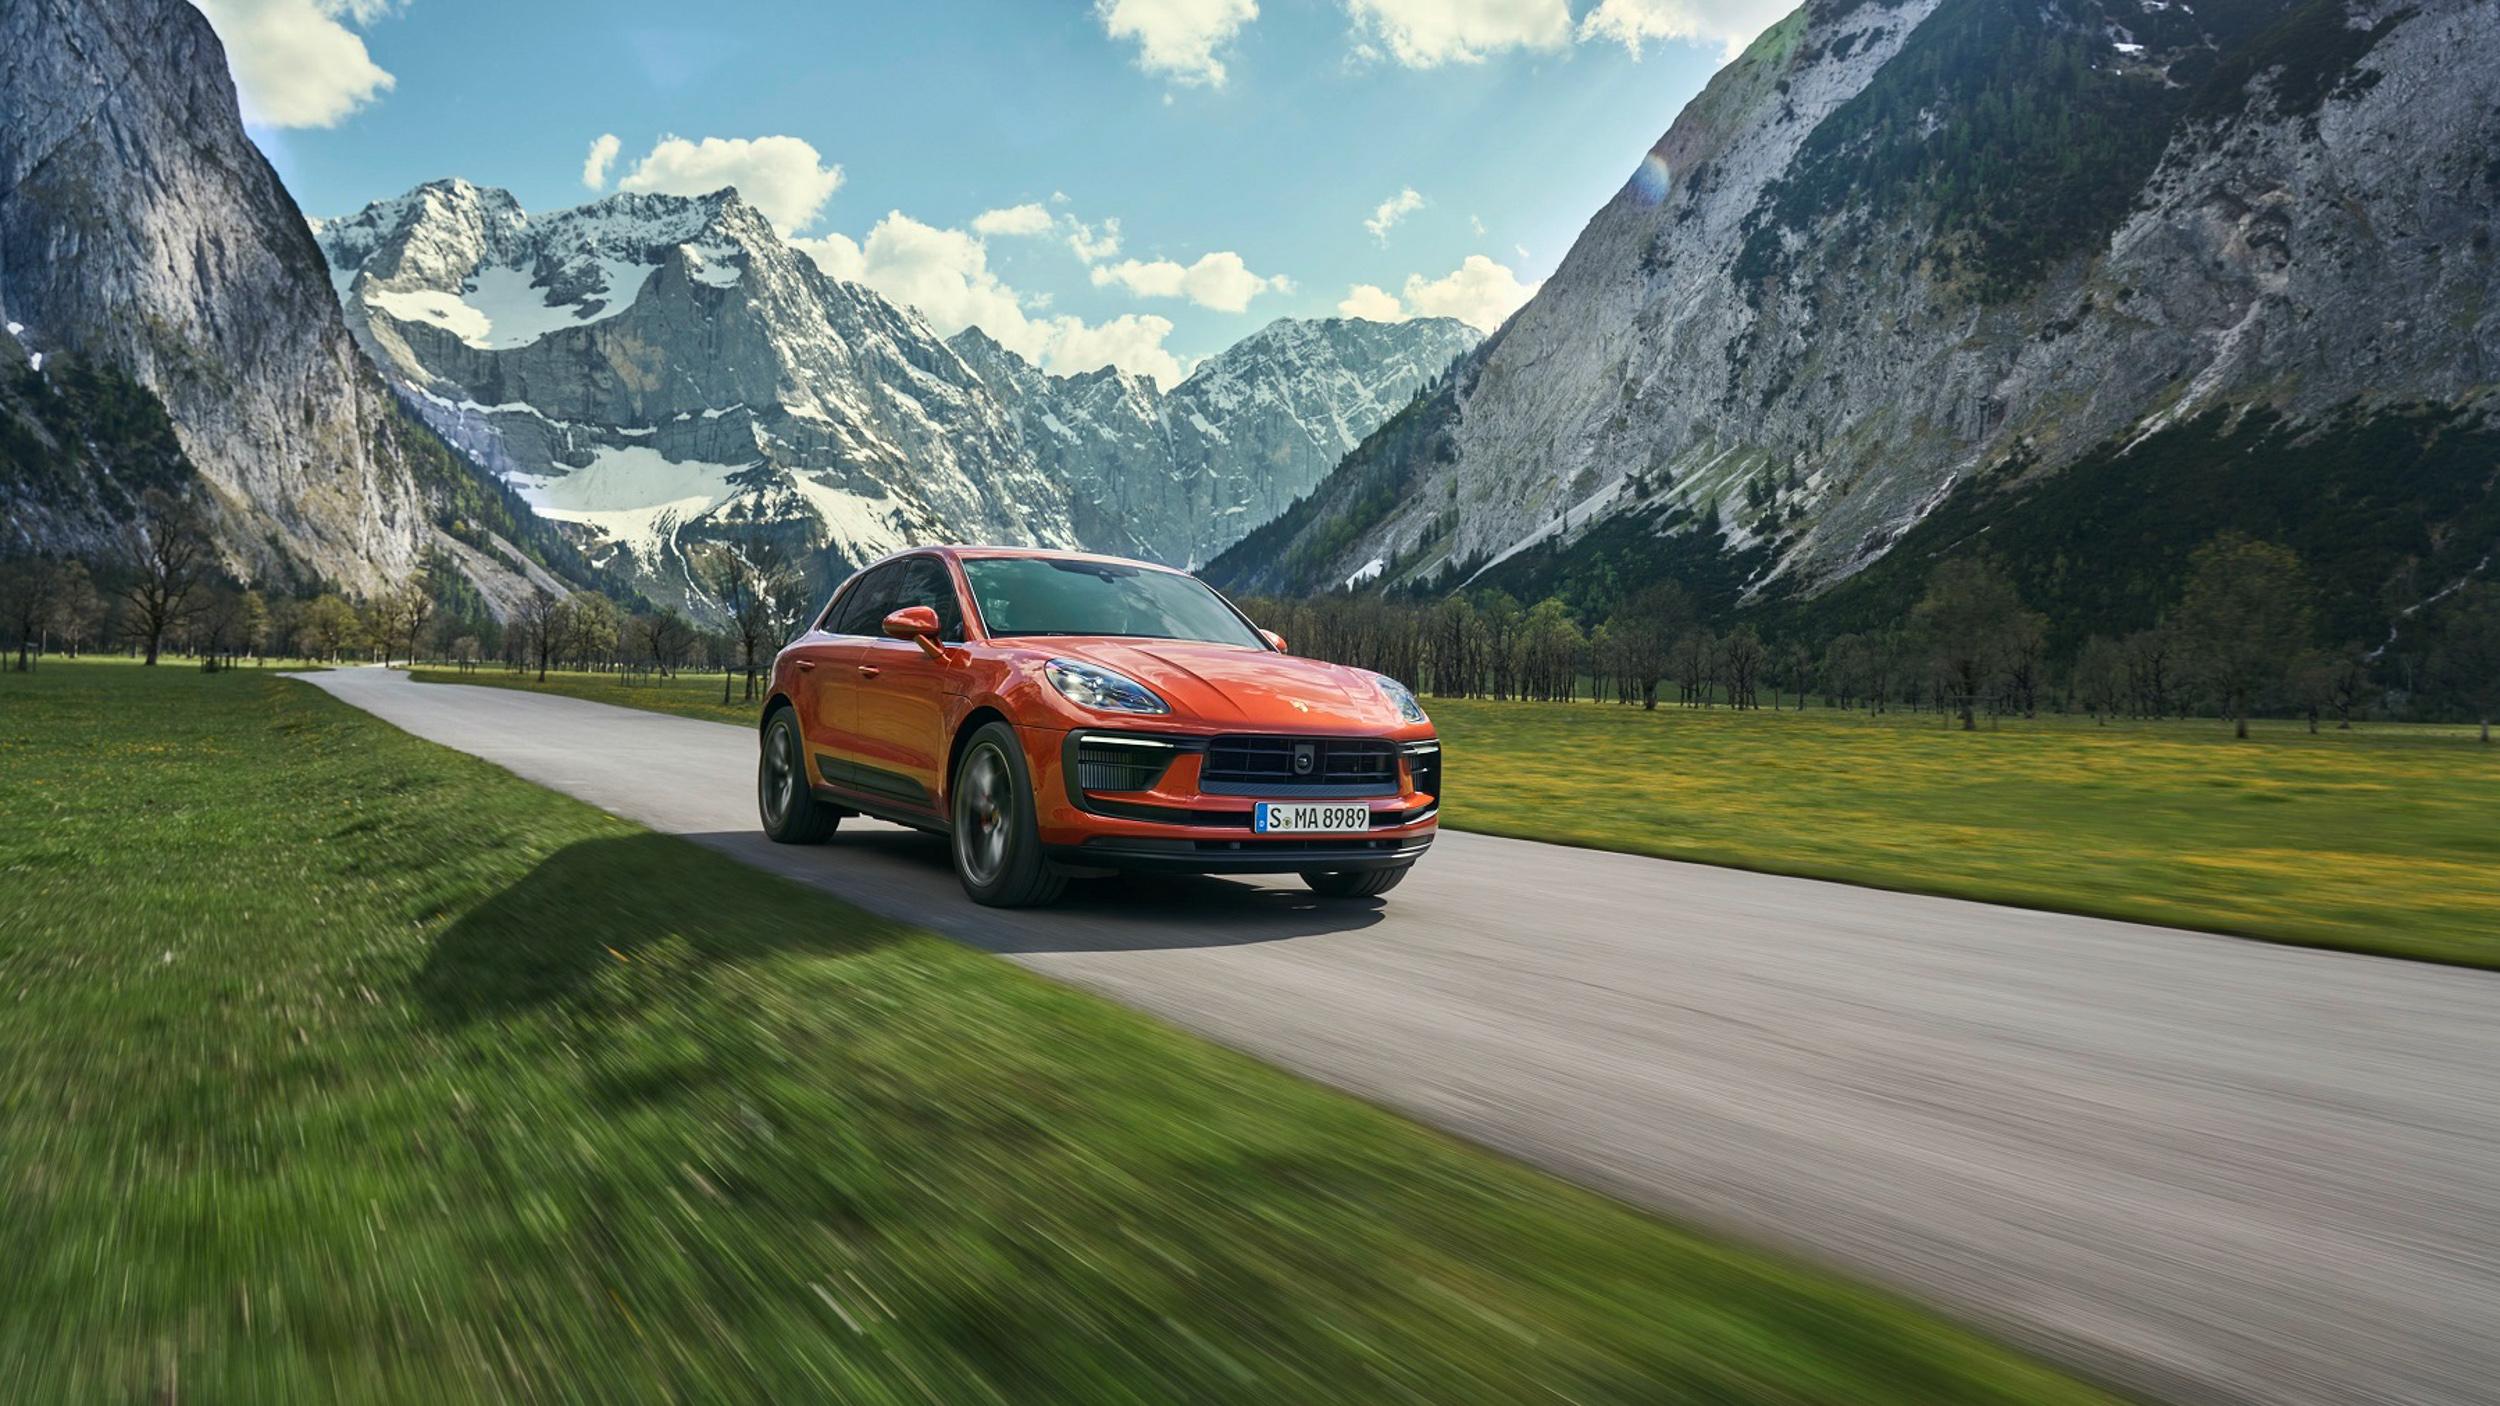 22 年式 Porsche Macan 開放預購!接單價格新台幣 284 萬元起